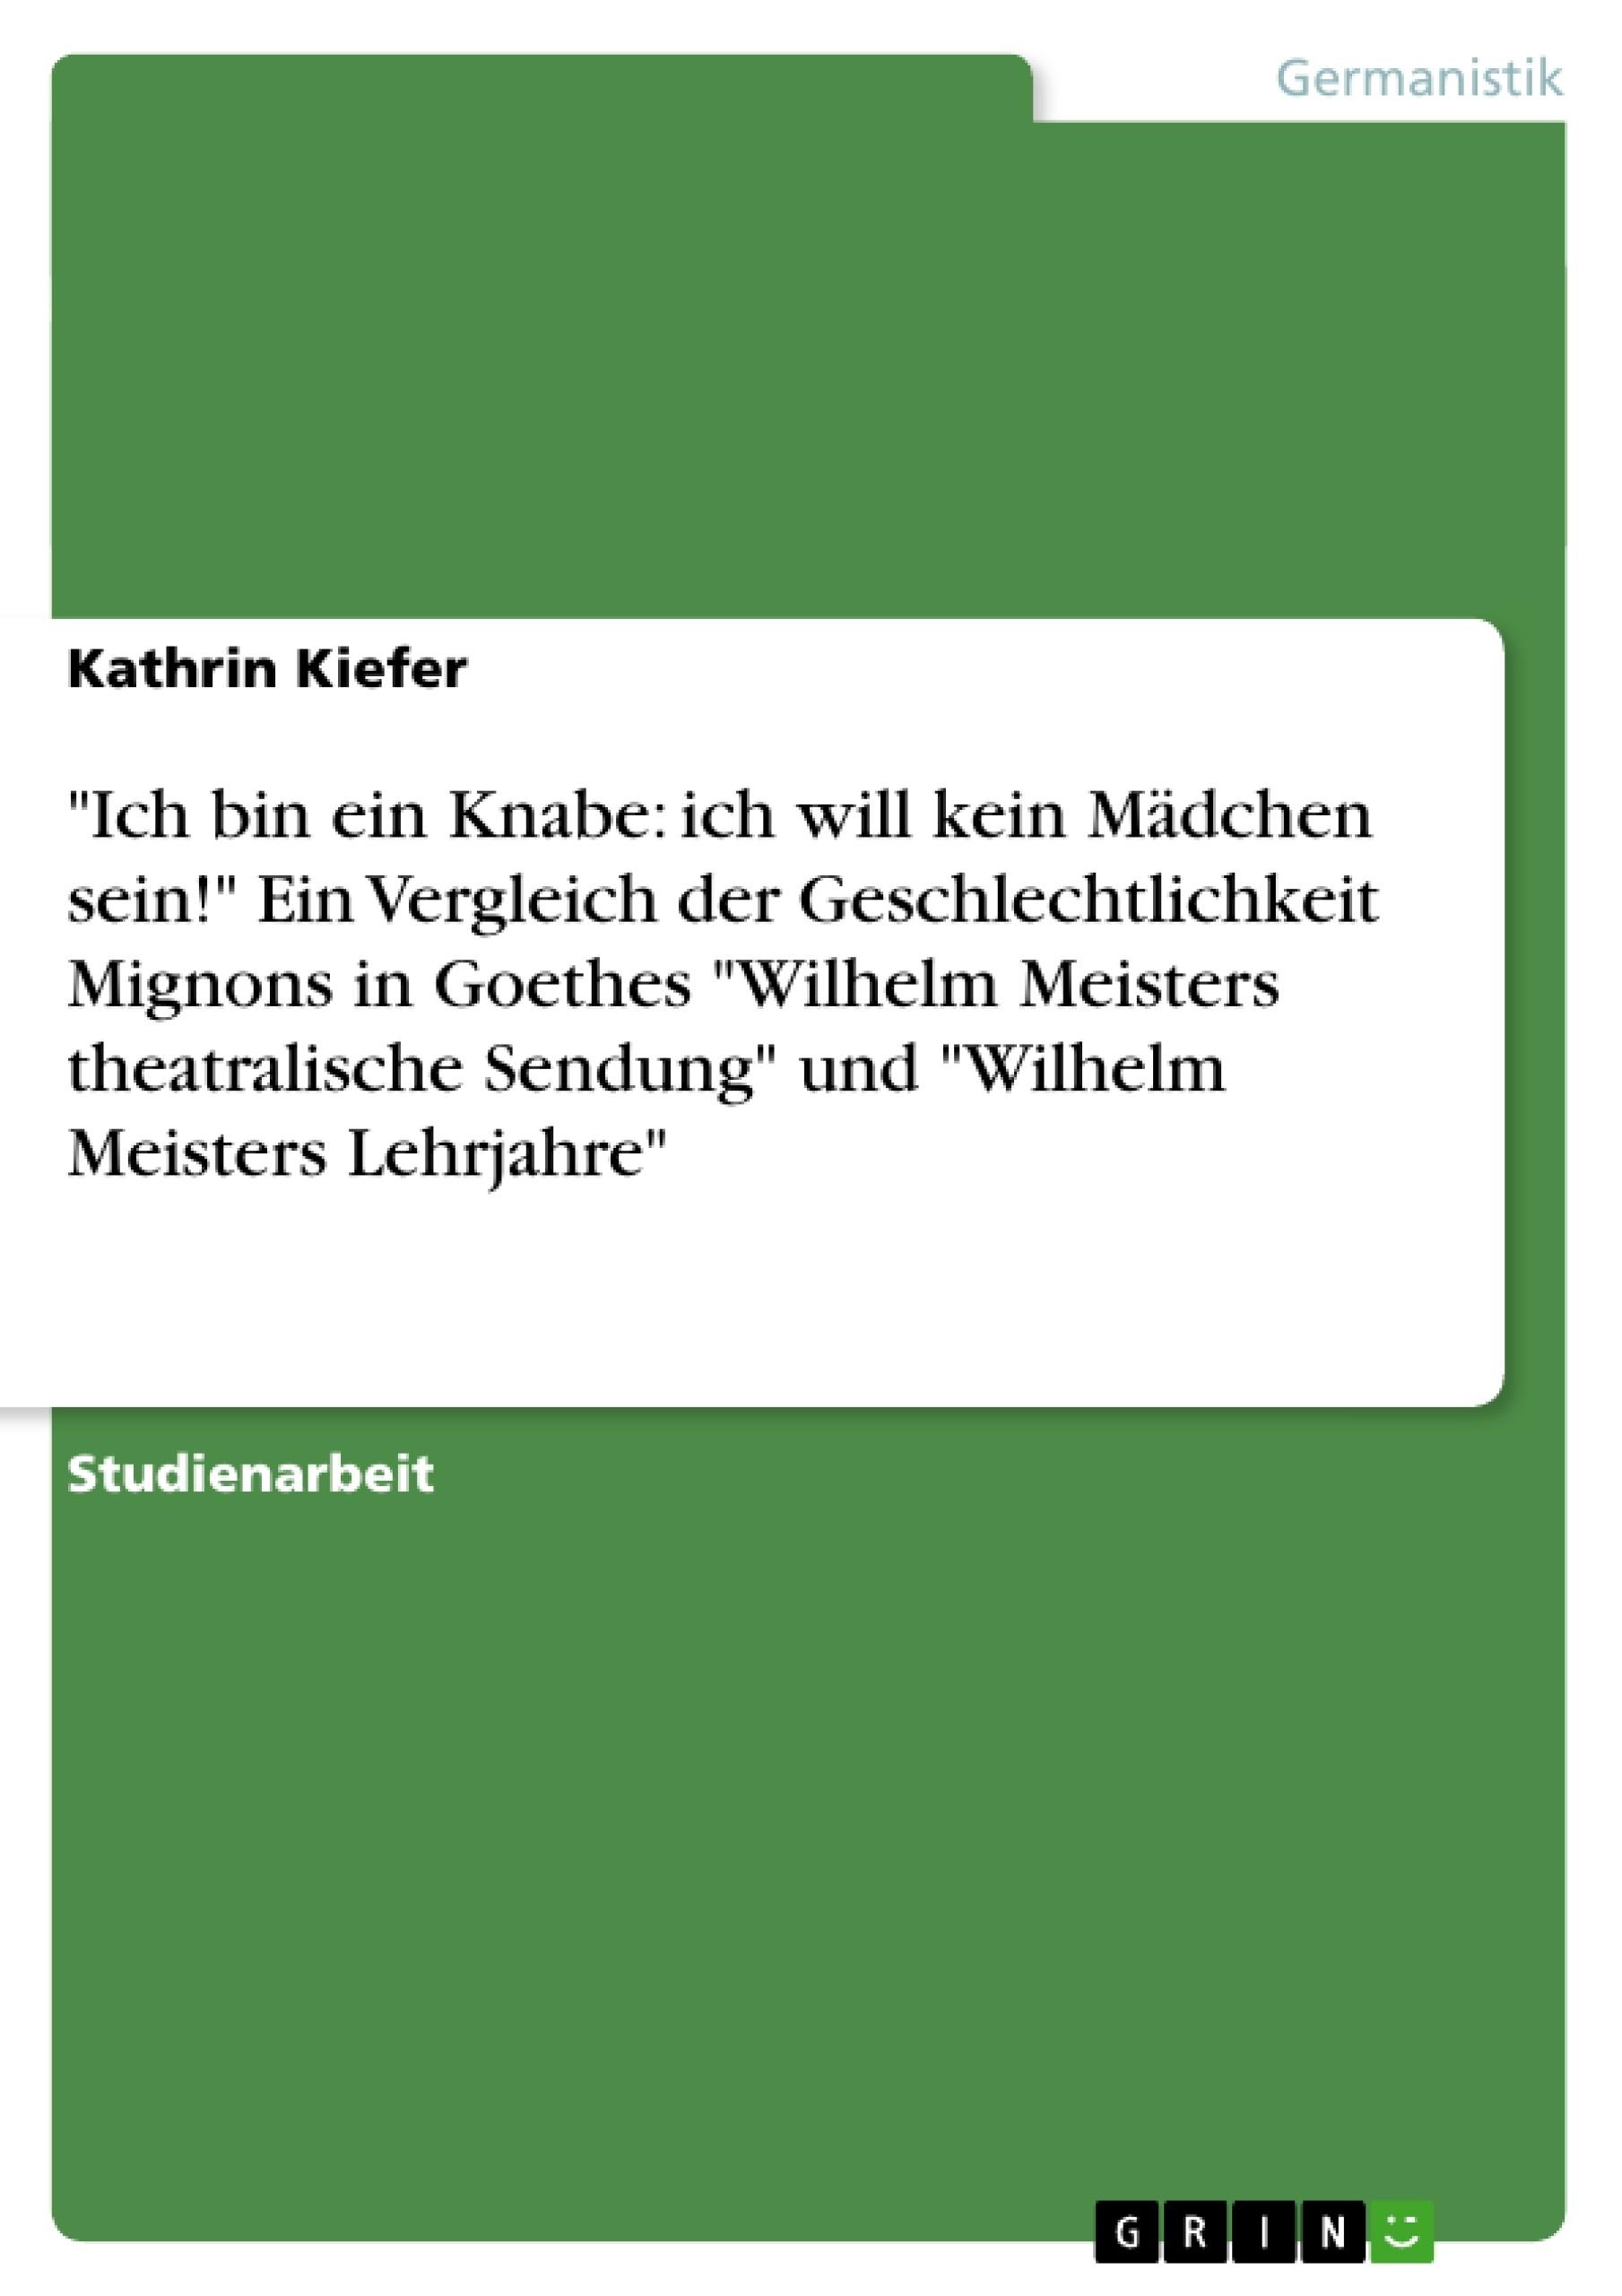 """Titel: """"Ich bin ein Knabe: ich will kein Mädchen sein!"""" Ein Vergleich der Geschlechtlichkeit Mignons in Goethes """"Wilhelm Meisters theatralische Sendung"""" und """"Wilhelm Meisters Lehrjahre"""""""